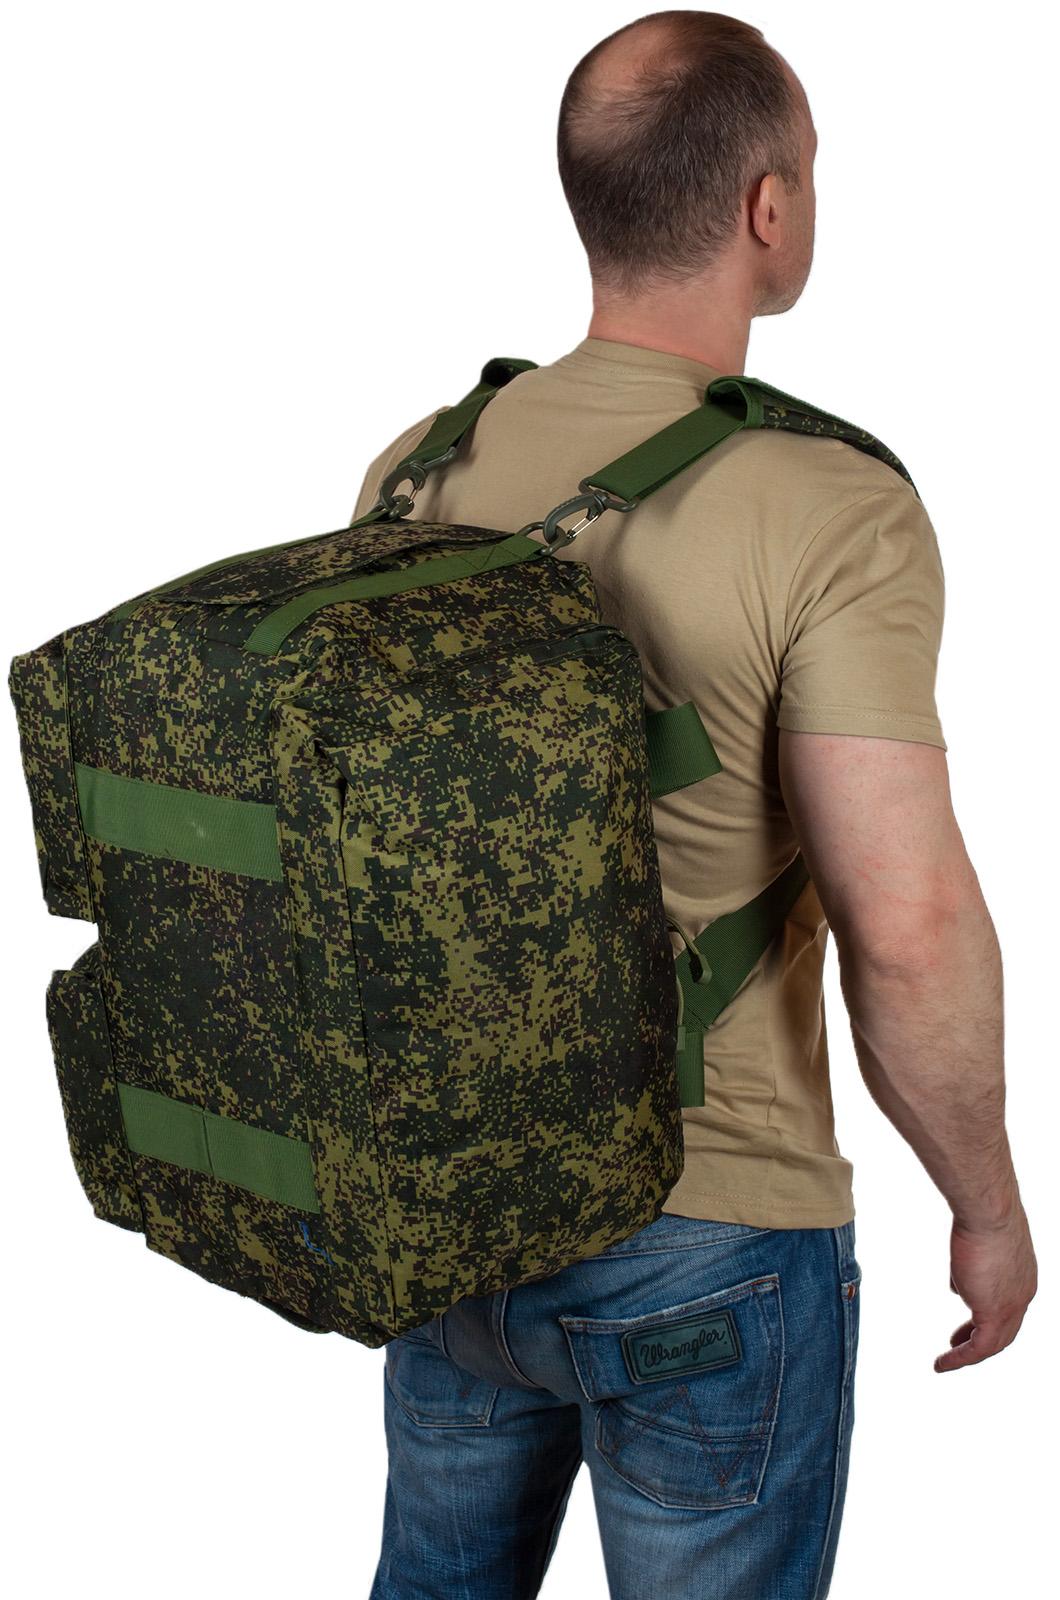 Армейская полевая сумка с эмблемой Рыболовного спецназа купить онлайн